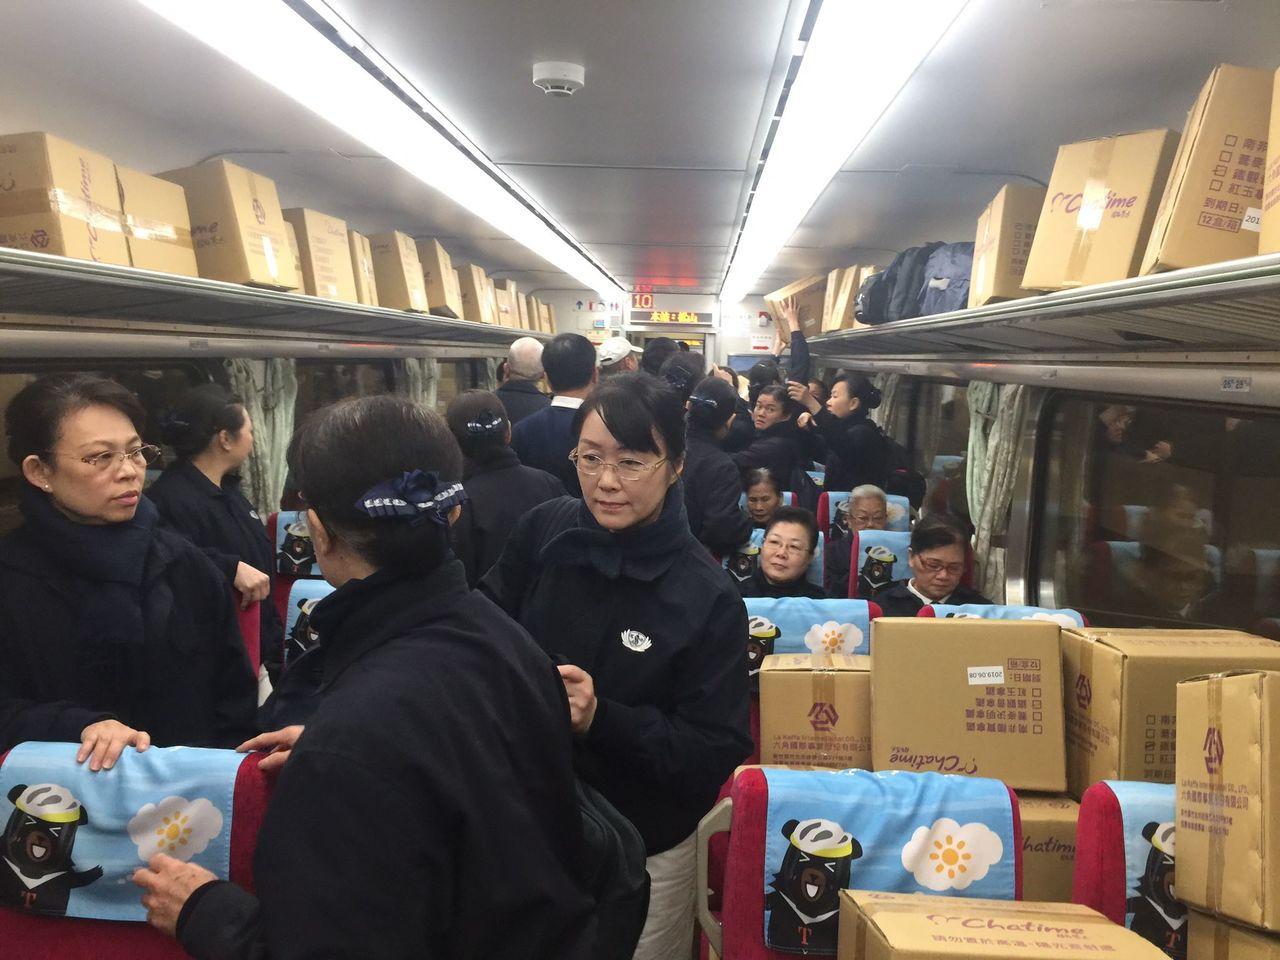 慈濟基金會動員千名志工協助花蓮強震救災。圖/慈濟基金會提供